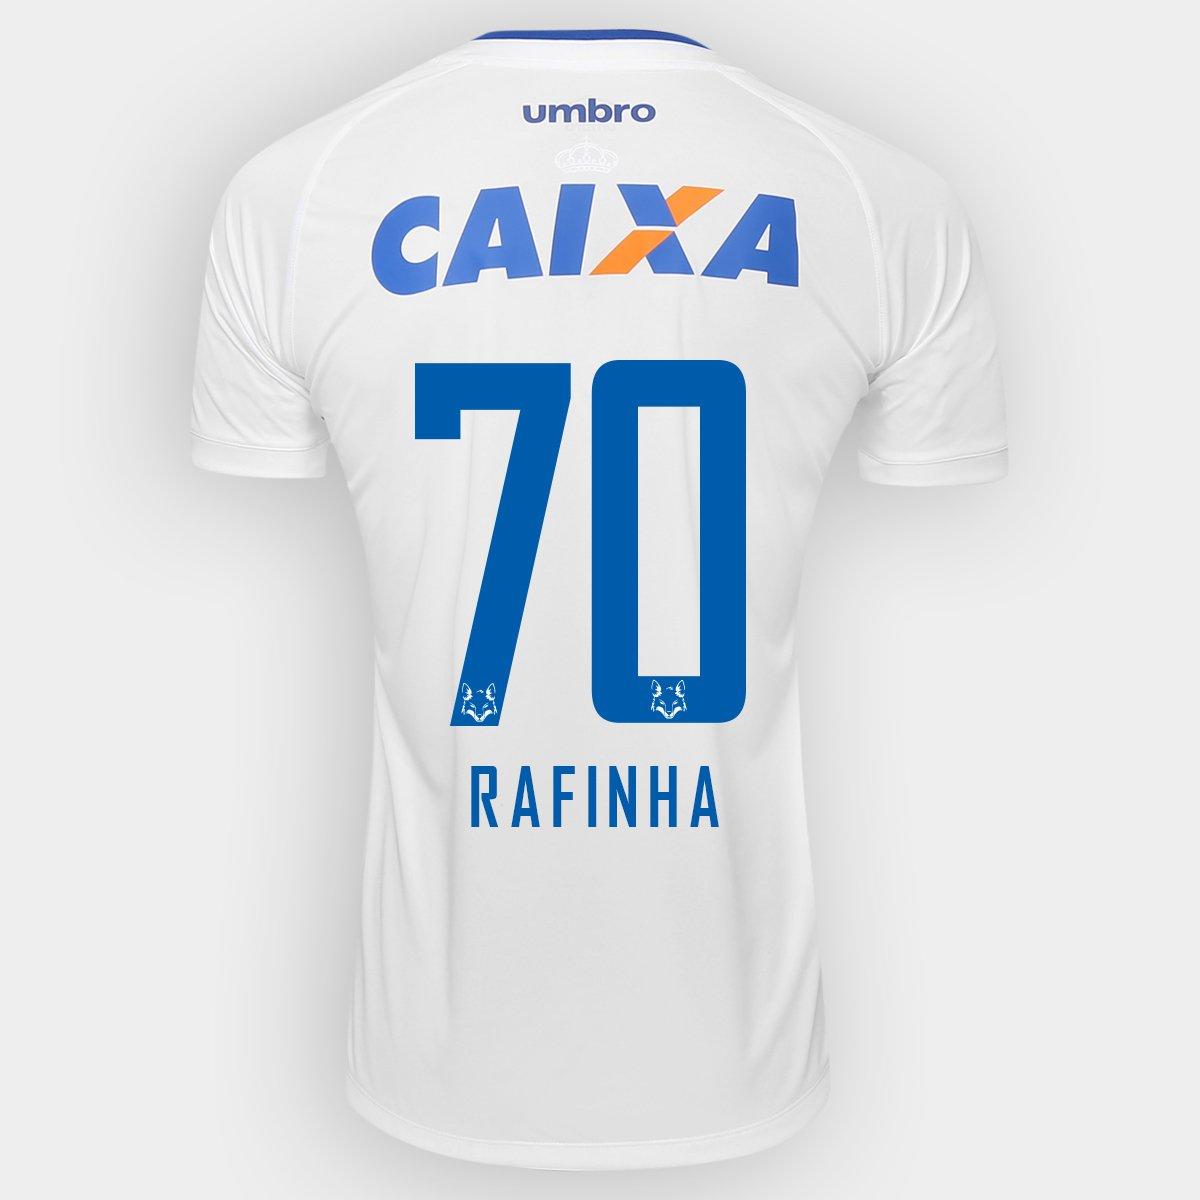 bba9e65c7c Camisa Umbro Cruzeiro II 2016 nº 70 - Rafinha - Compre Agora